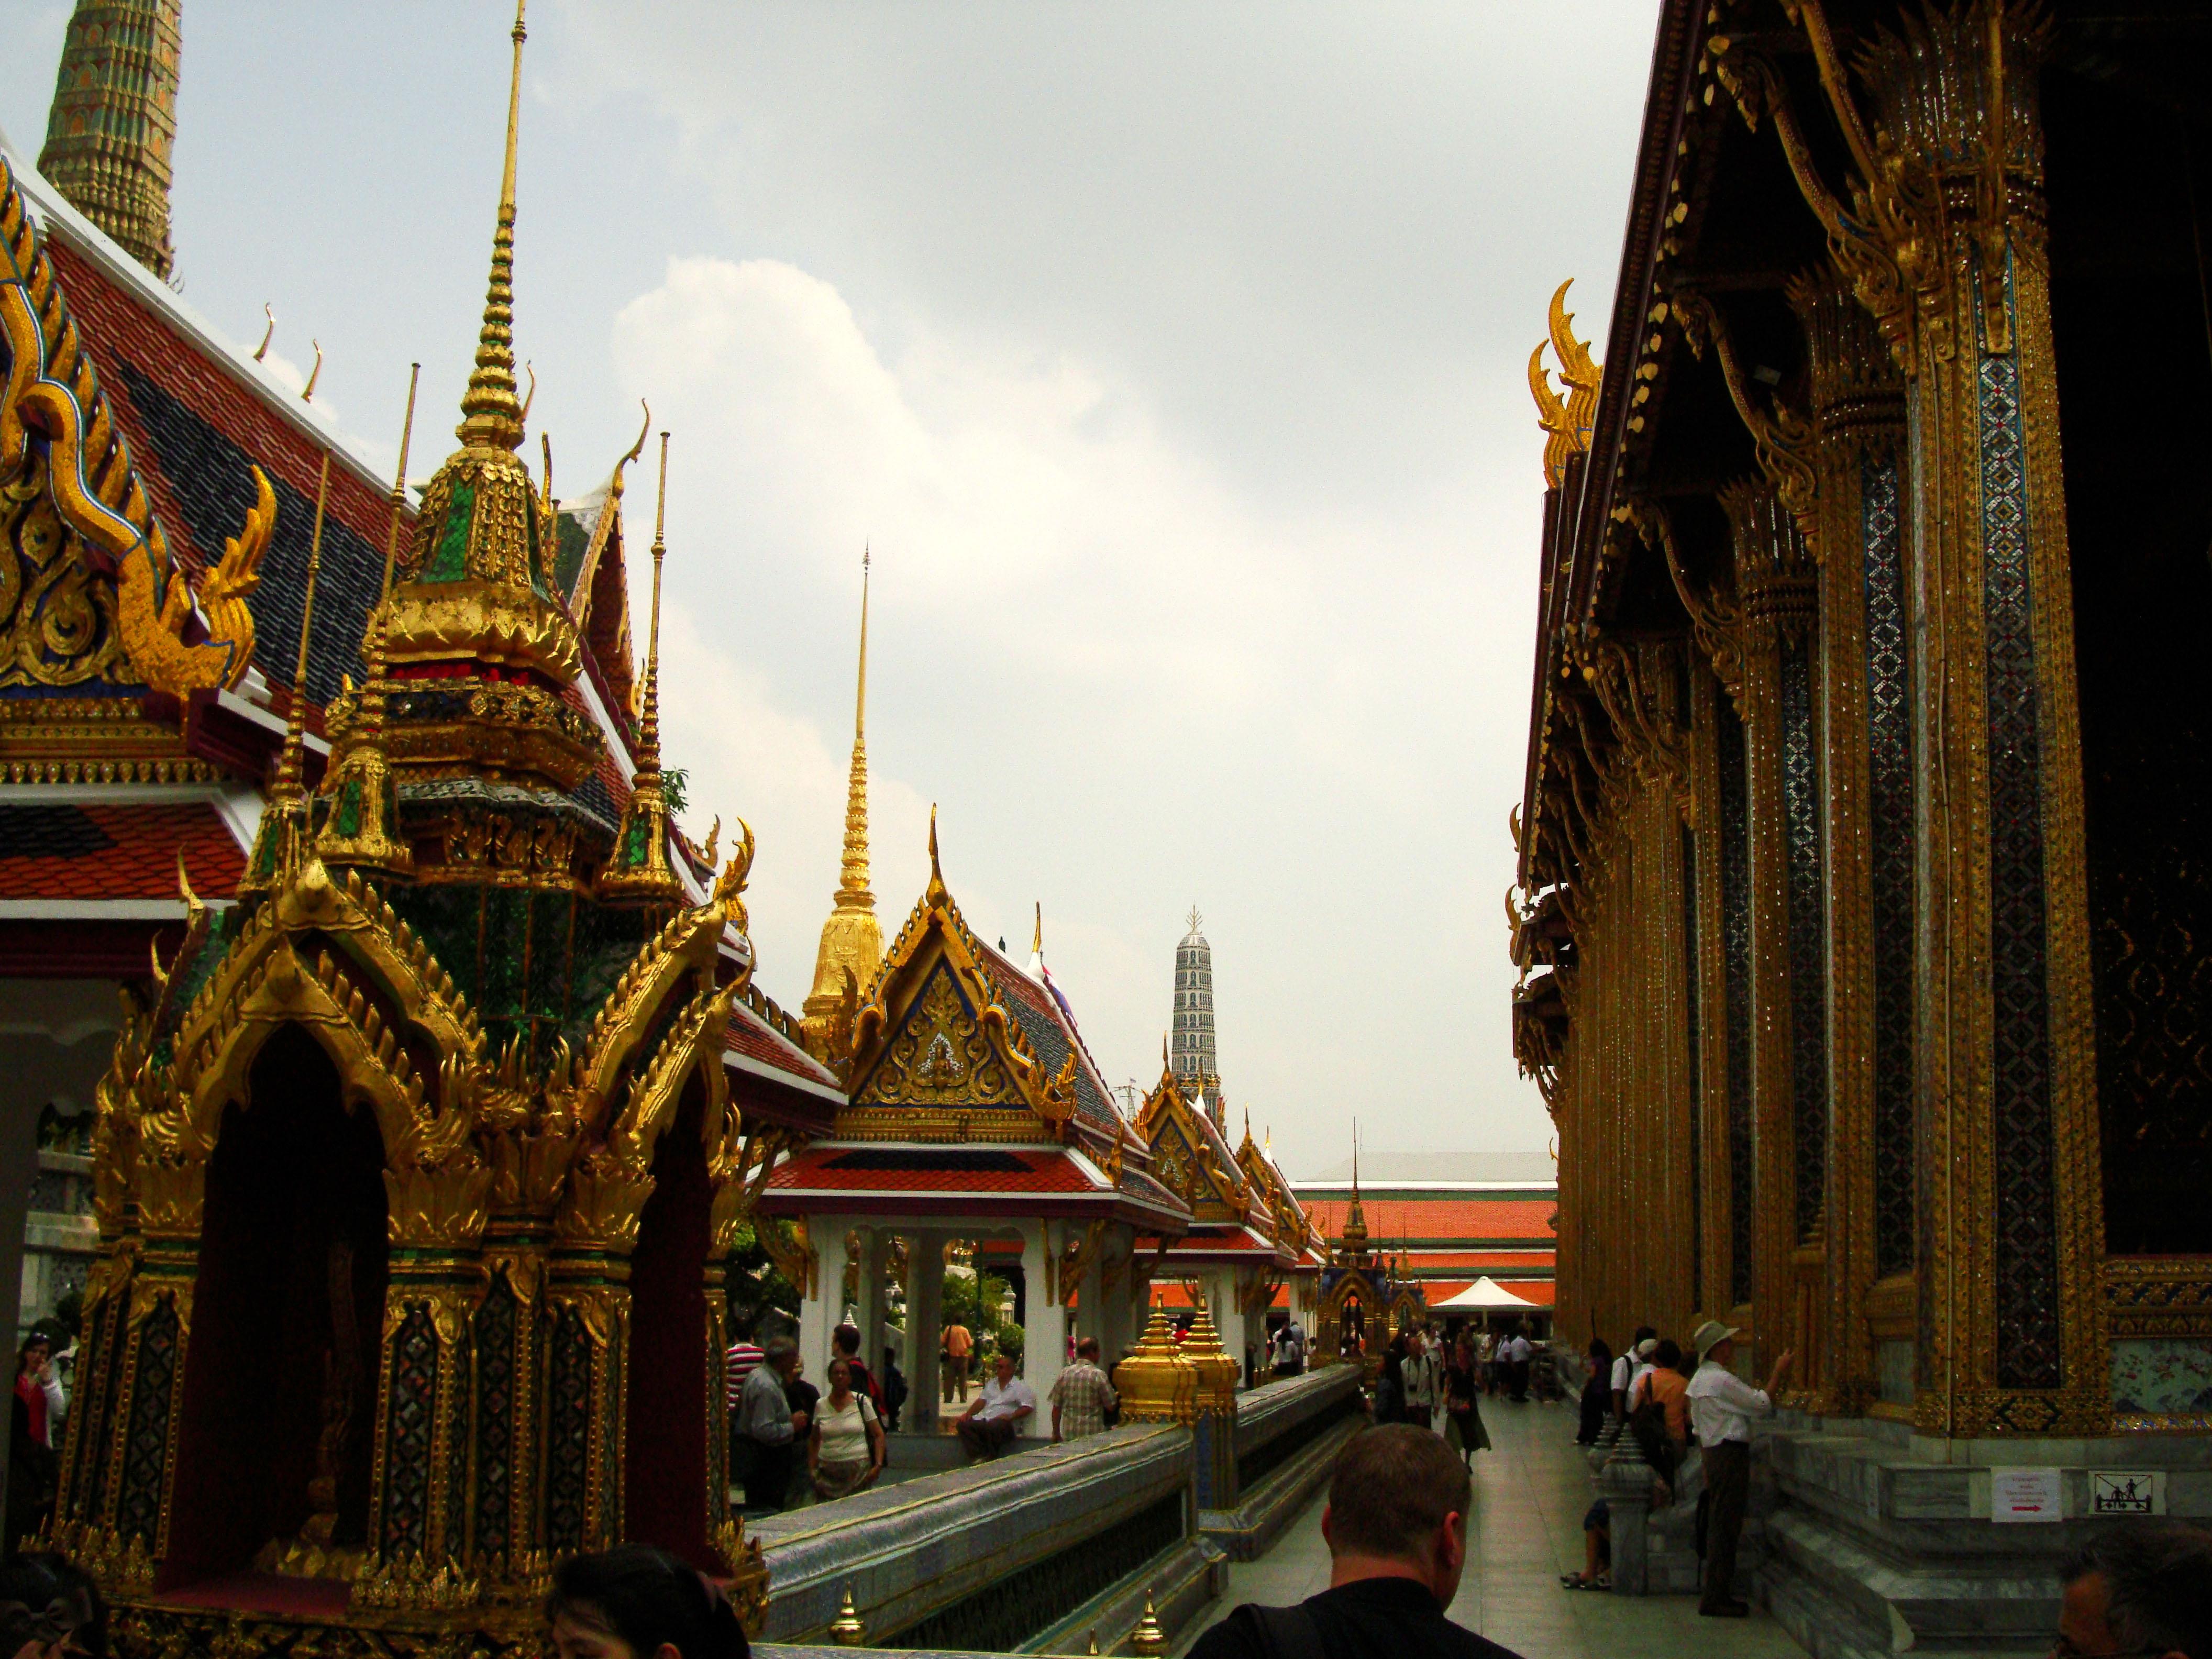 Grand Palace Phra Borom Maha Ratcha Wang Bangkok Thailand 25